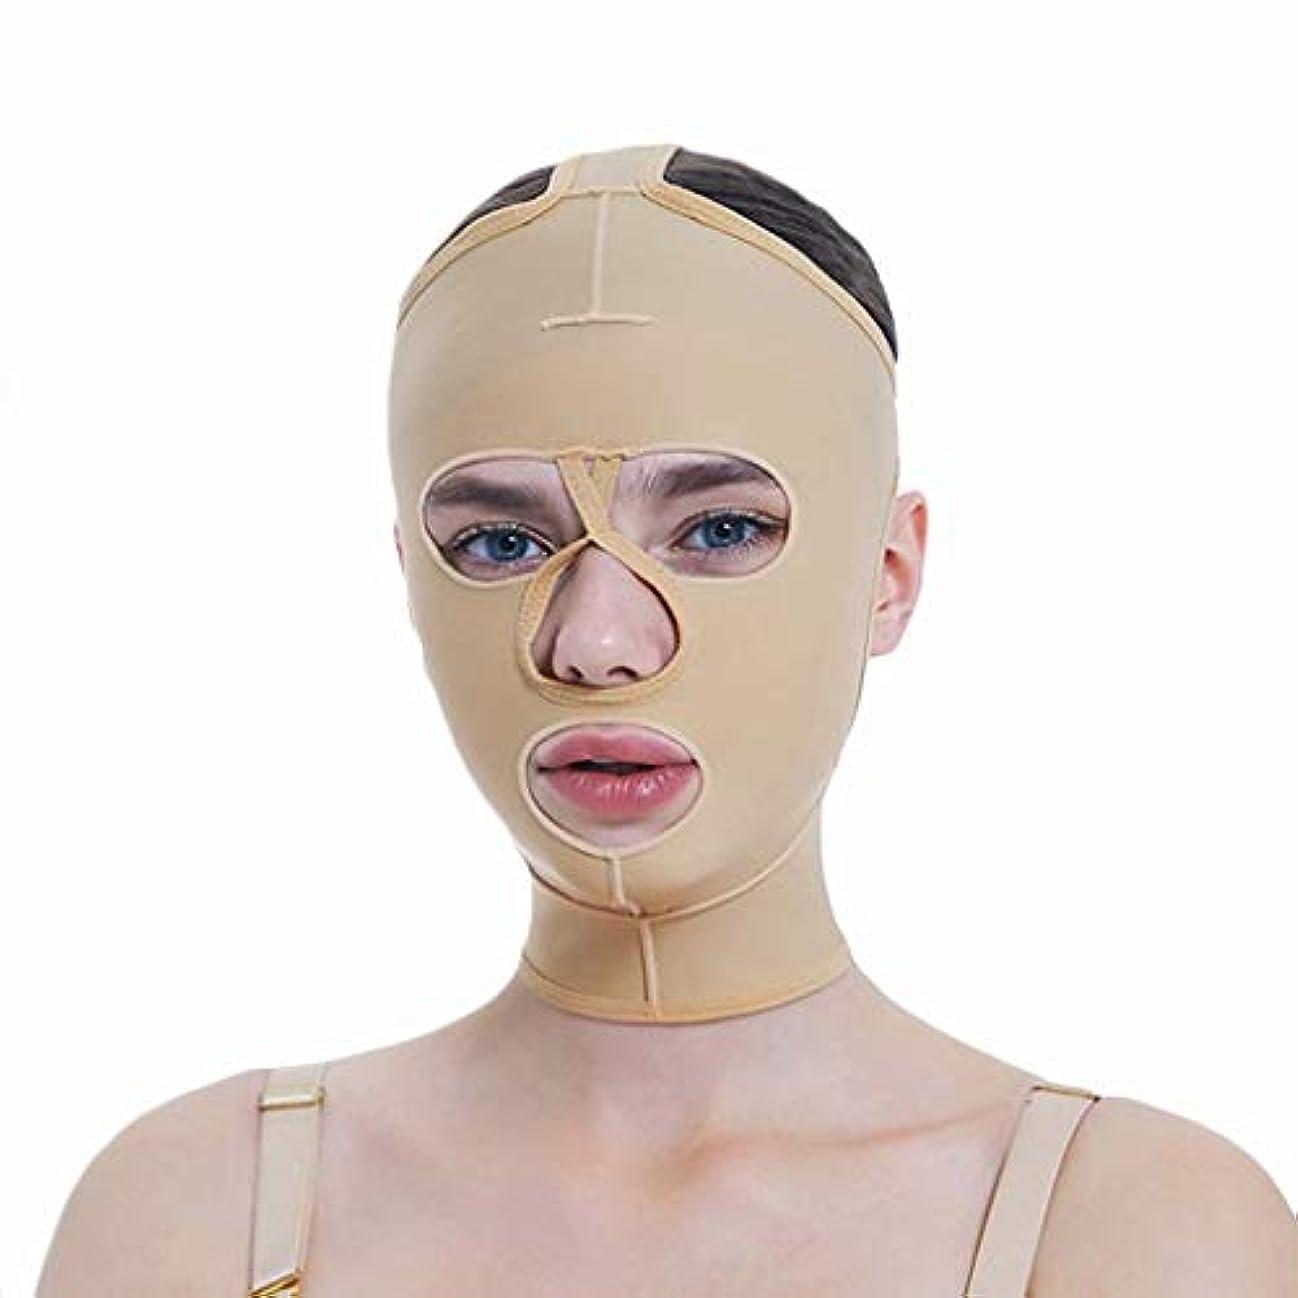 富ミニブレスフェイシャル減量マスク、フルカバレッジ包帯、フルフェイスリフティングマスク、フェイスマスク、快適で リフティングシェーピング(サイズ:S),XS